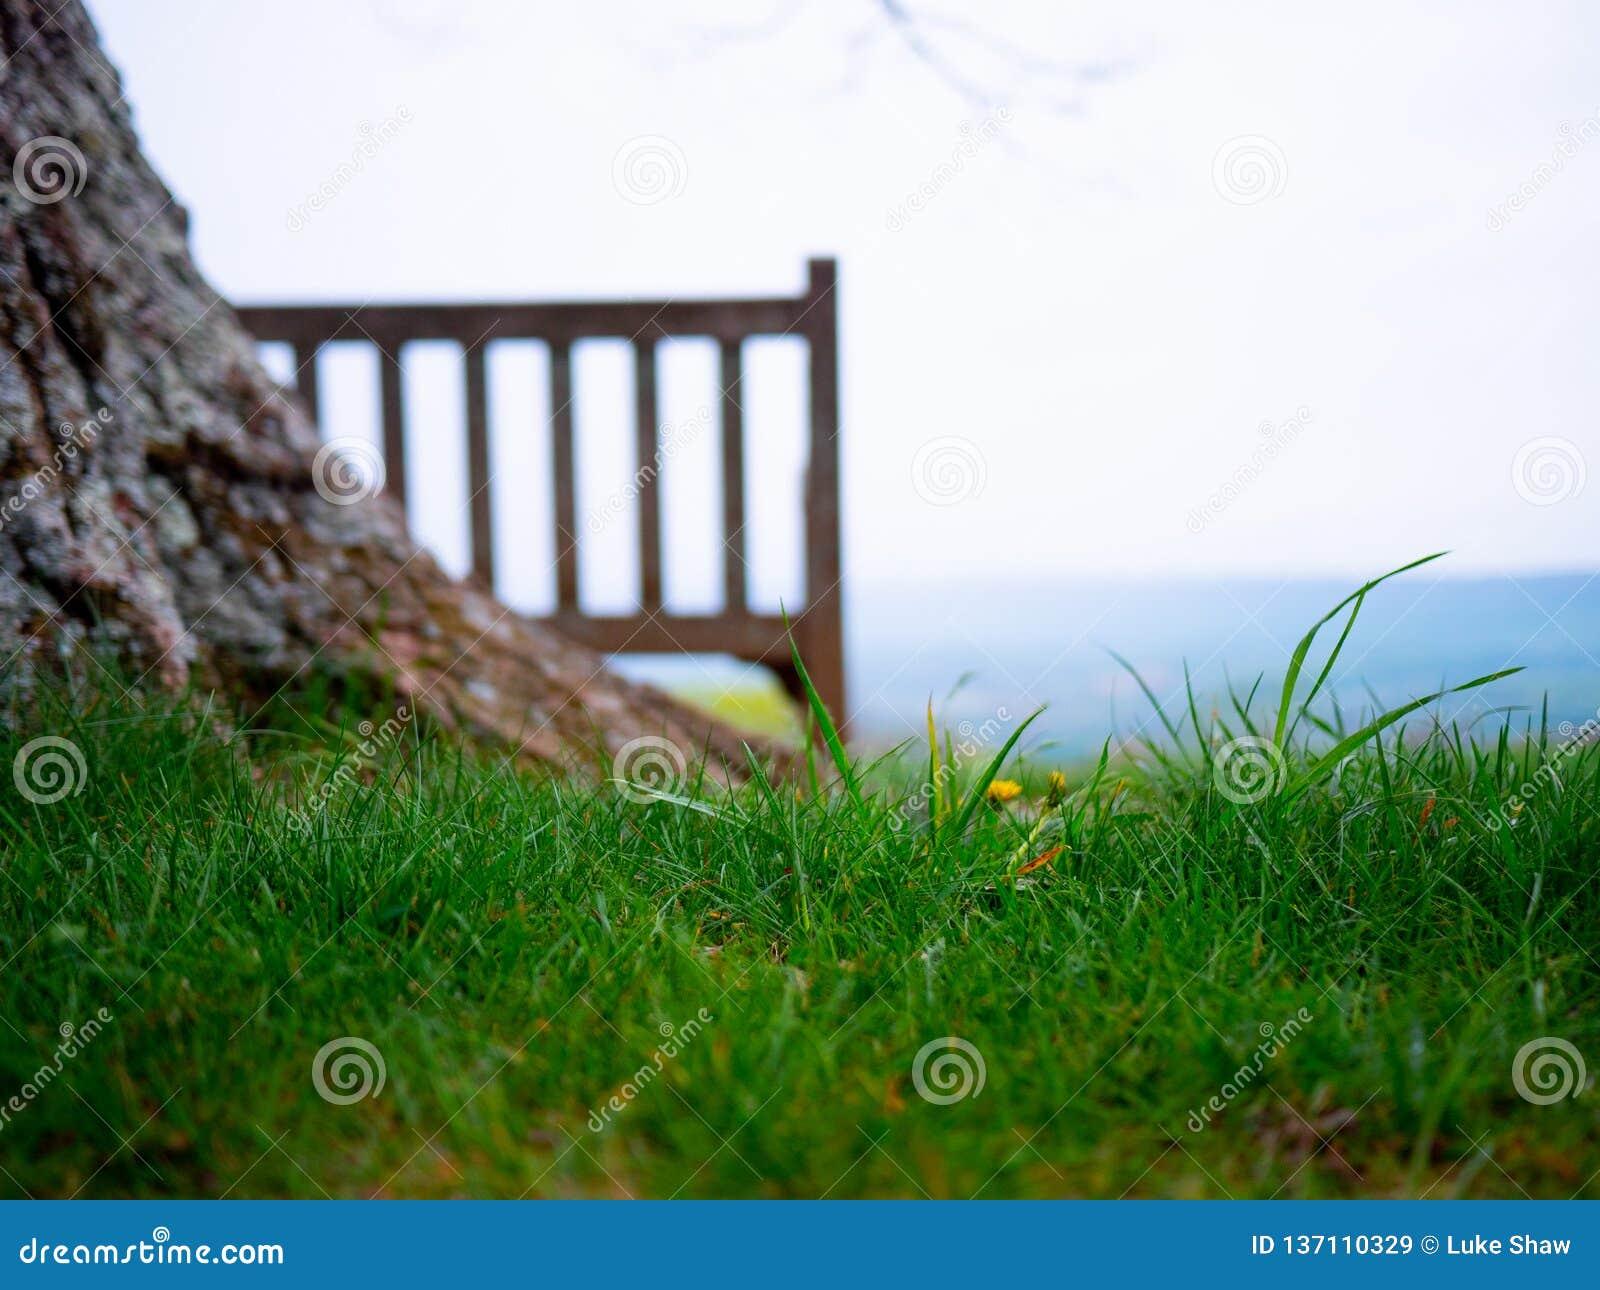 Serene Bench Overlooking Valley